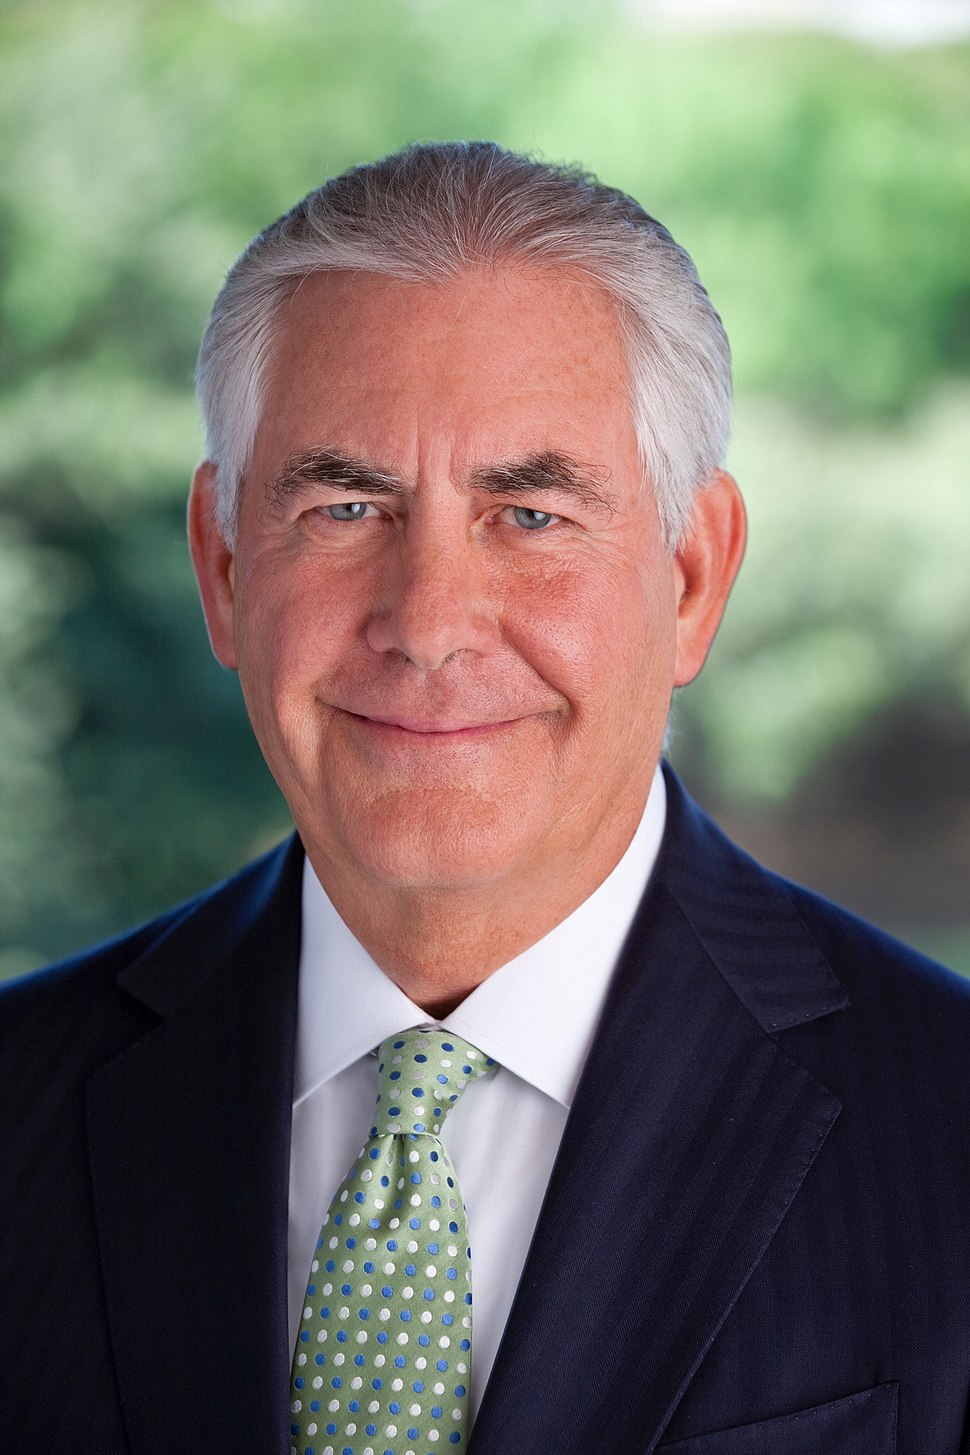 Rex Tillerson official Transition portrait